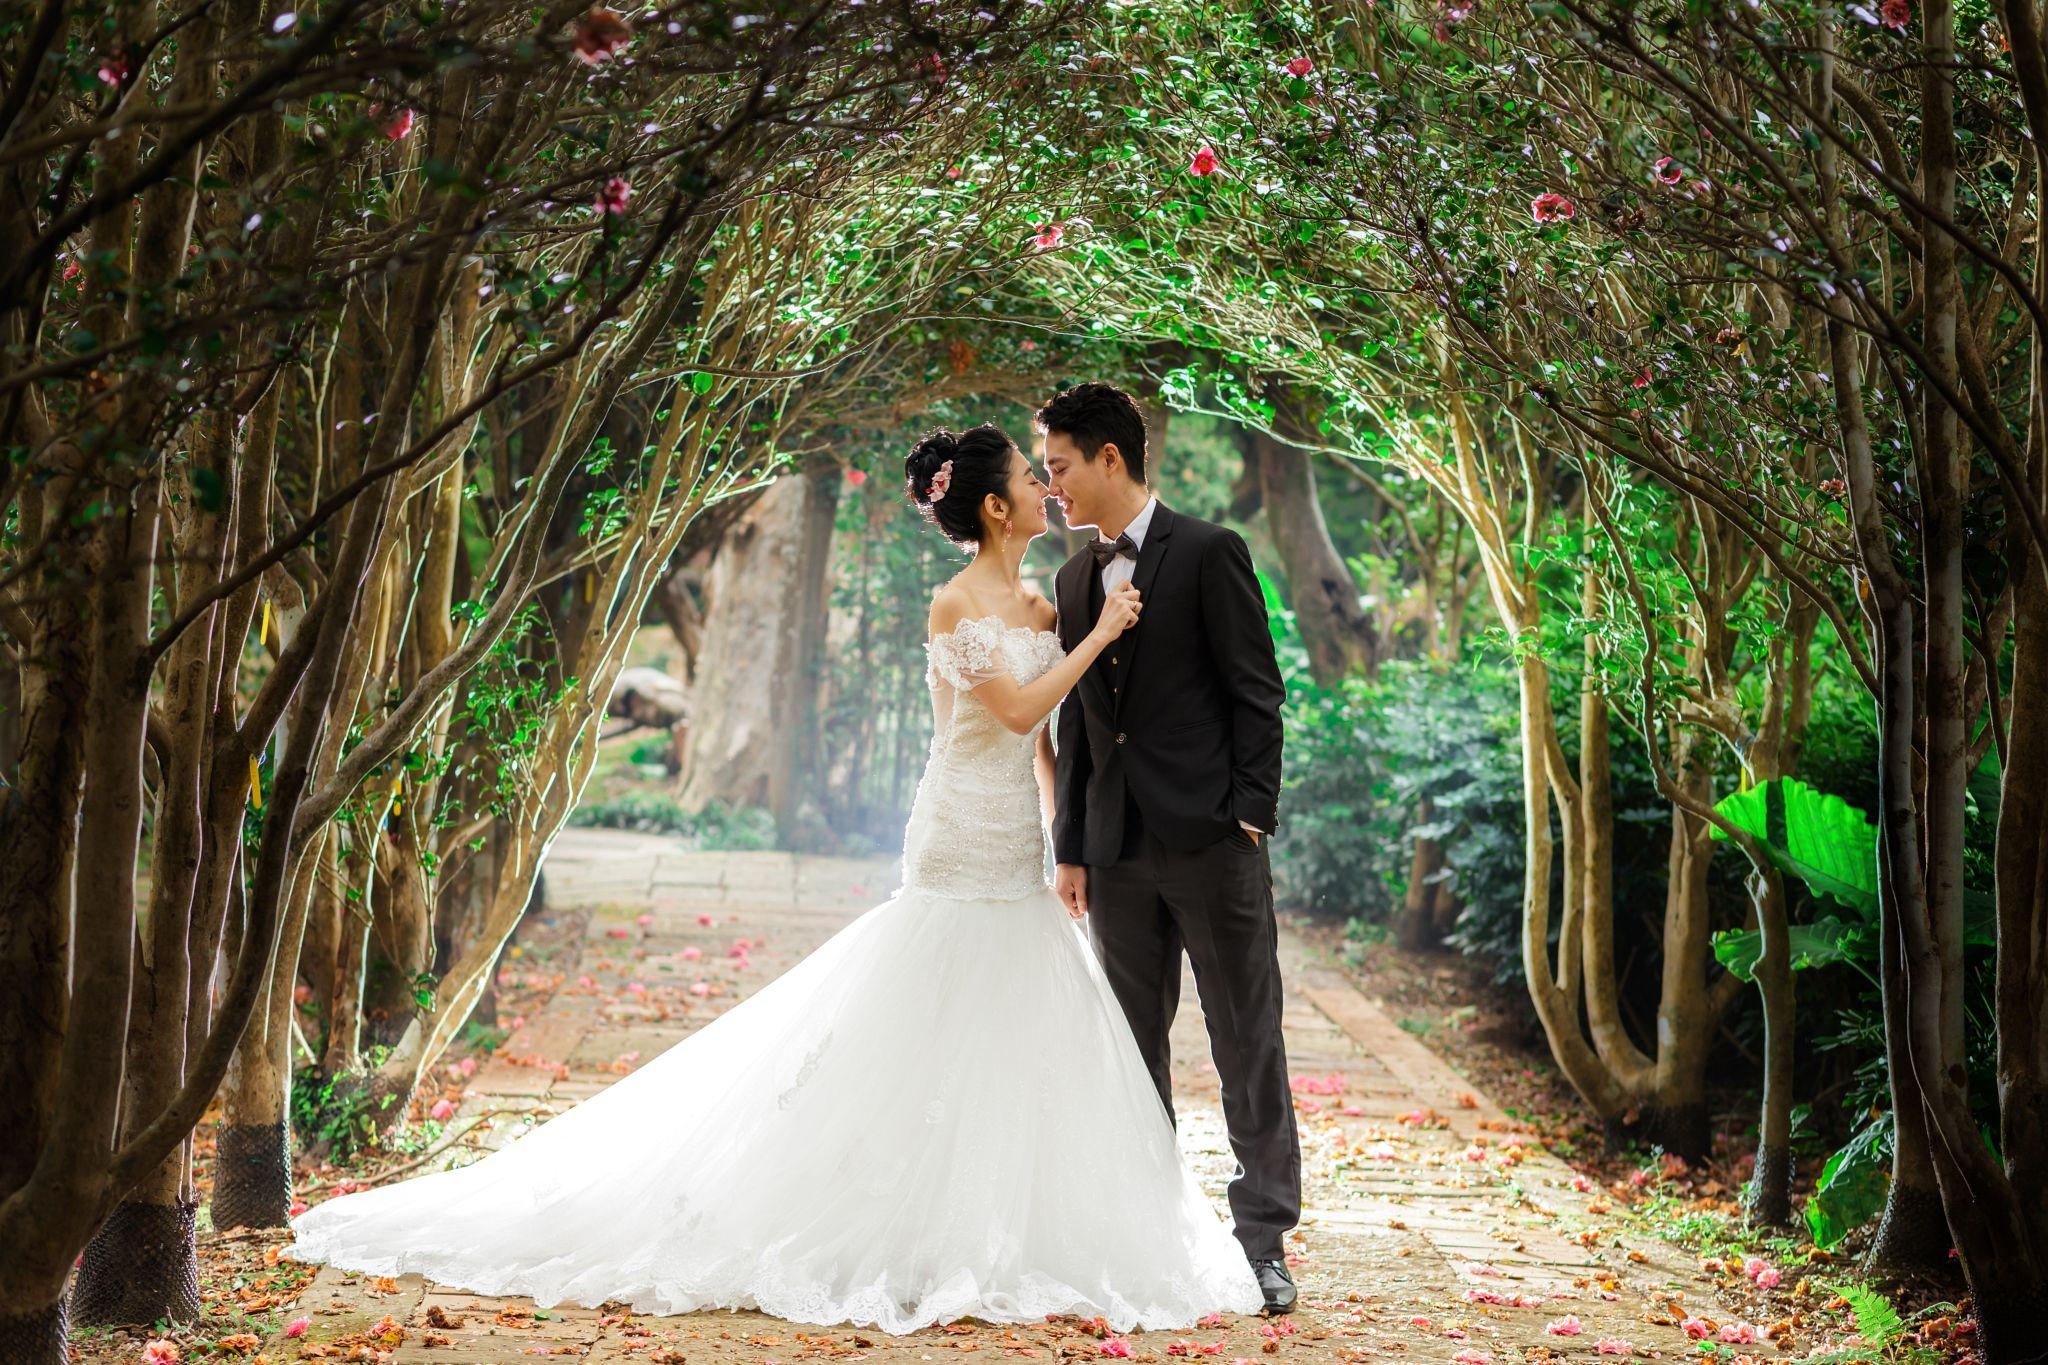 自助婚紗-高雄婚紗包套-婚攝森森